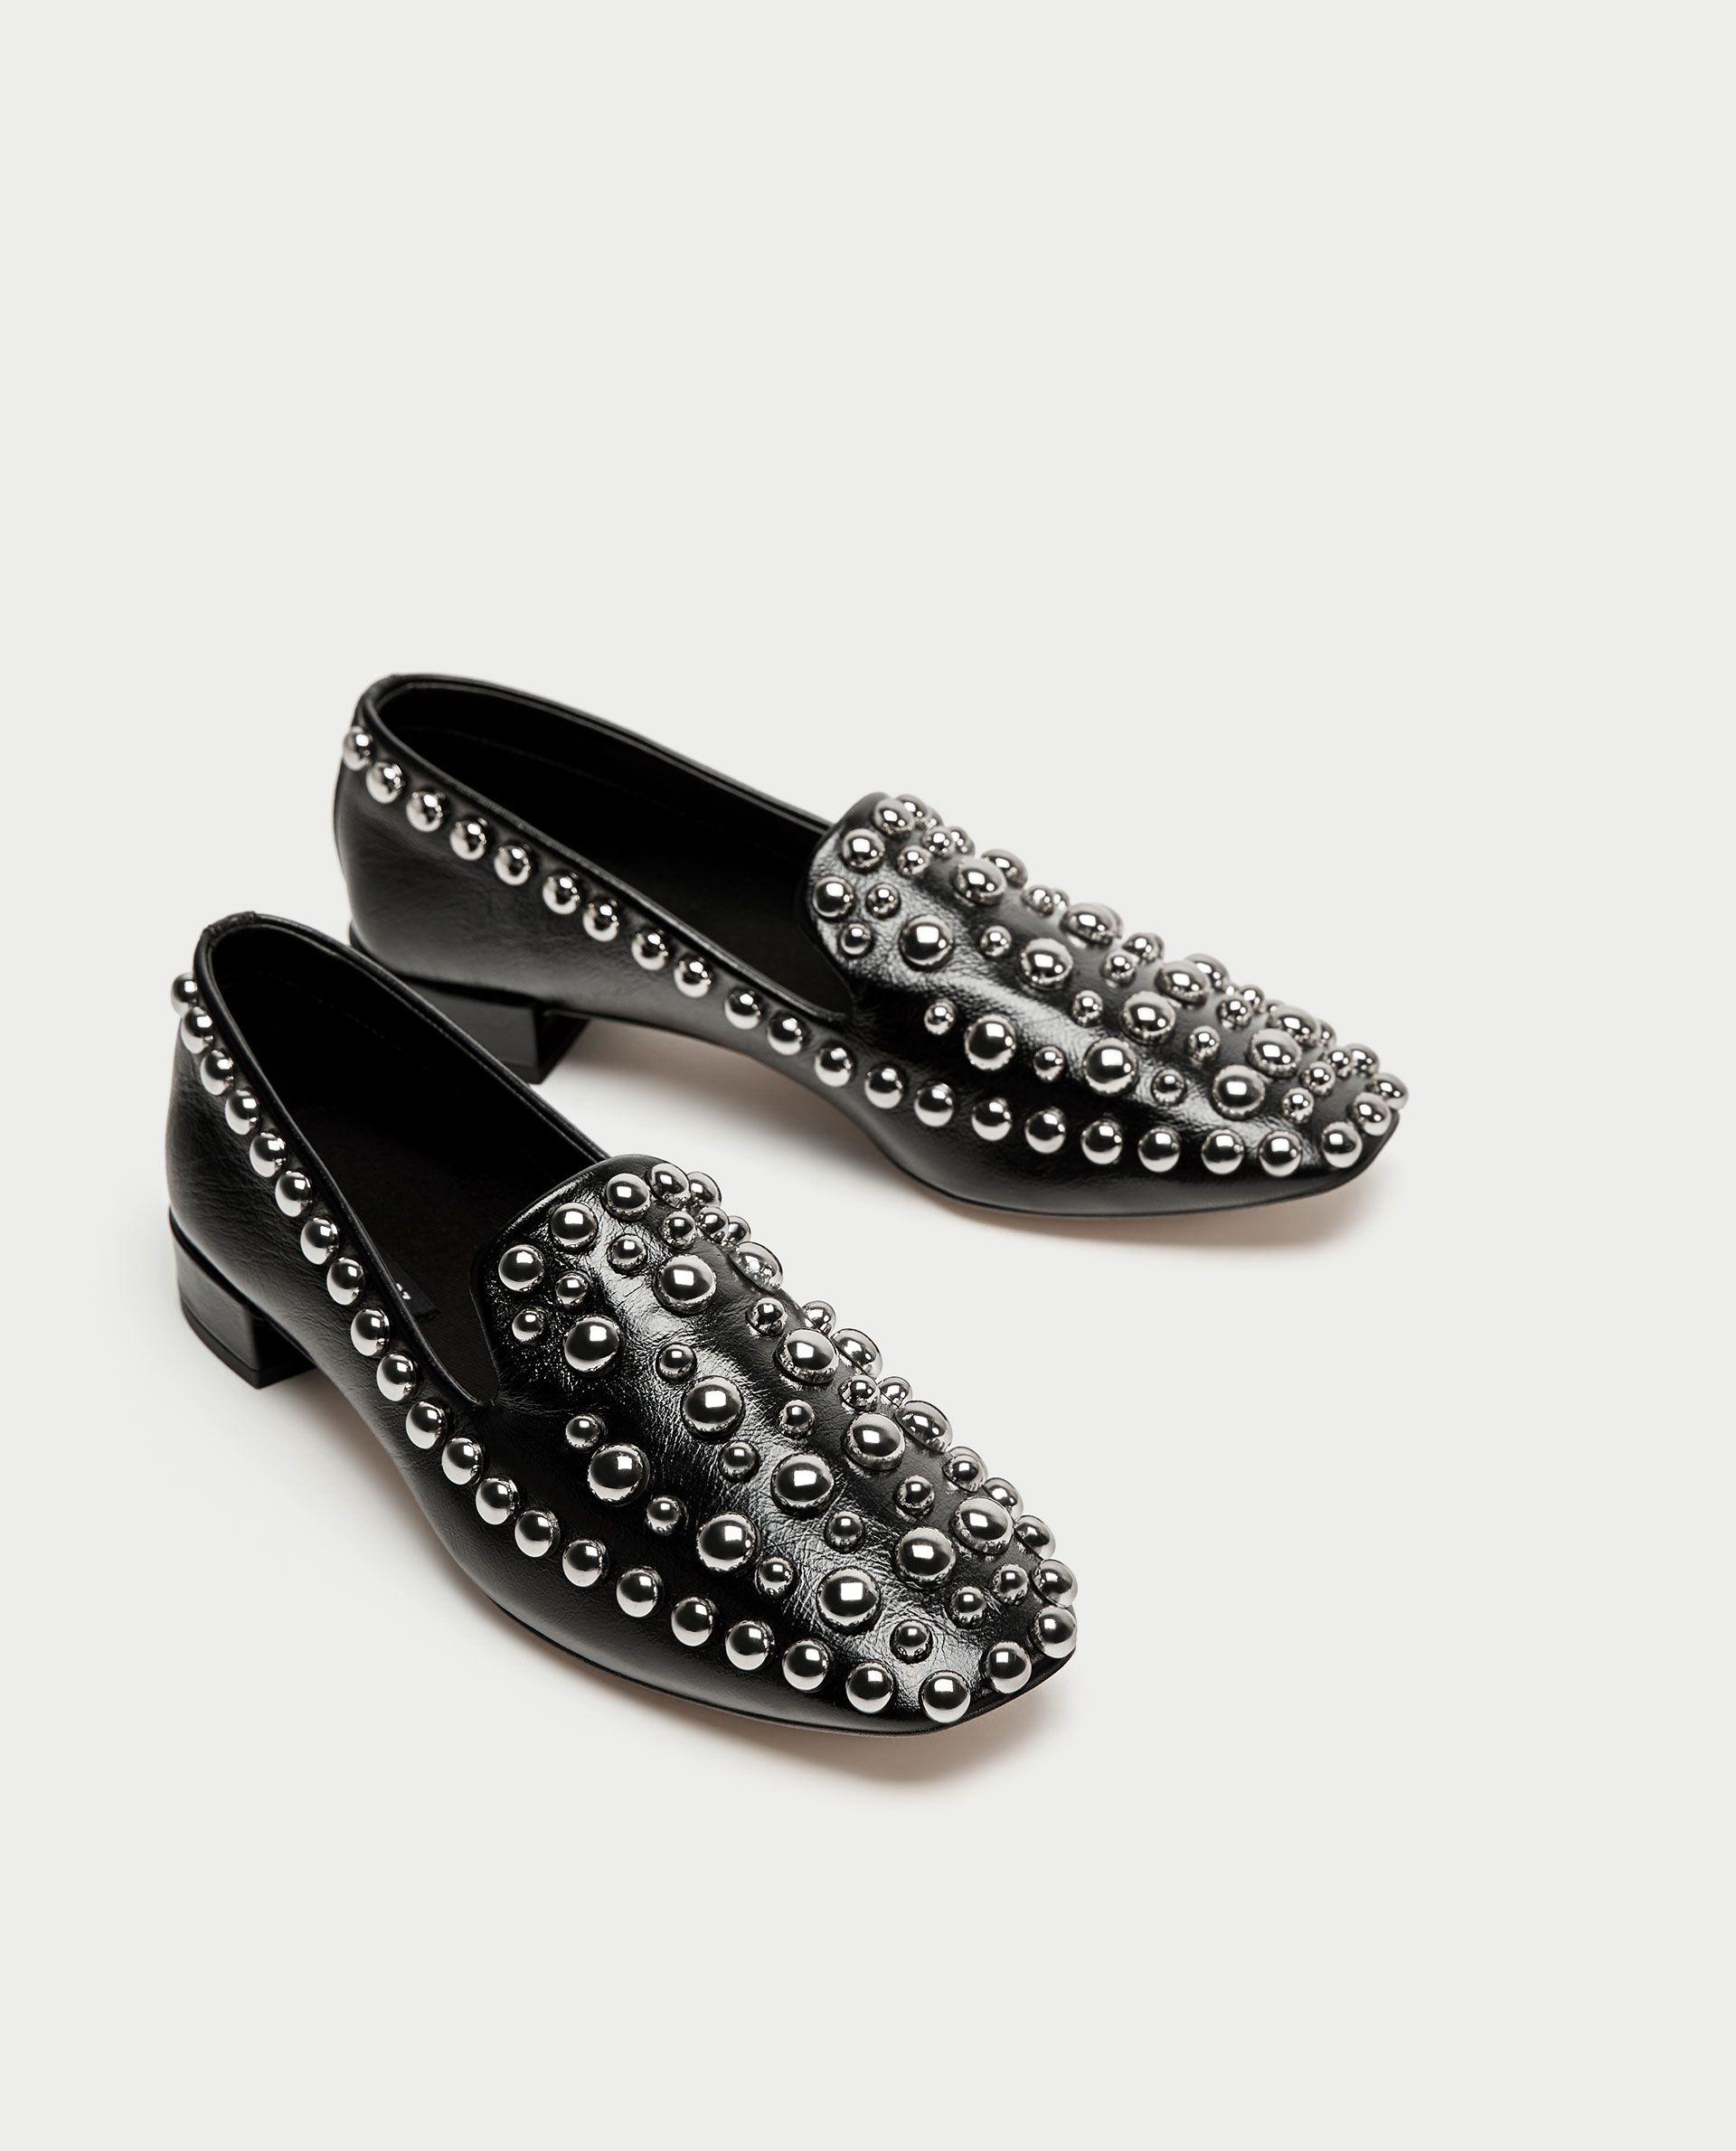 En Piel HM Tachas 2019O ۞ Shoes TachasZapatos Mocasín Y SUMVpqz